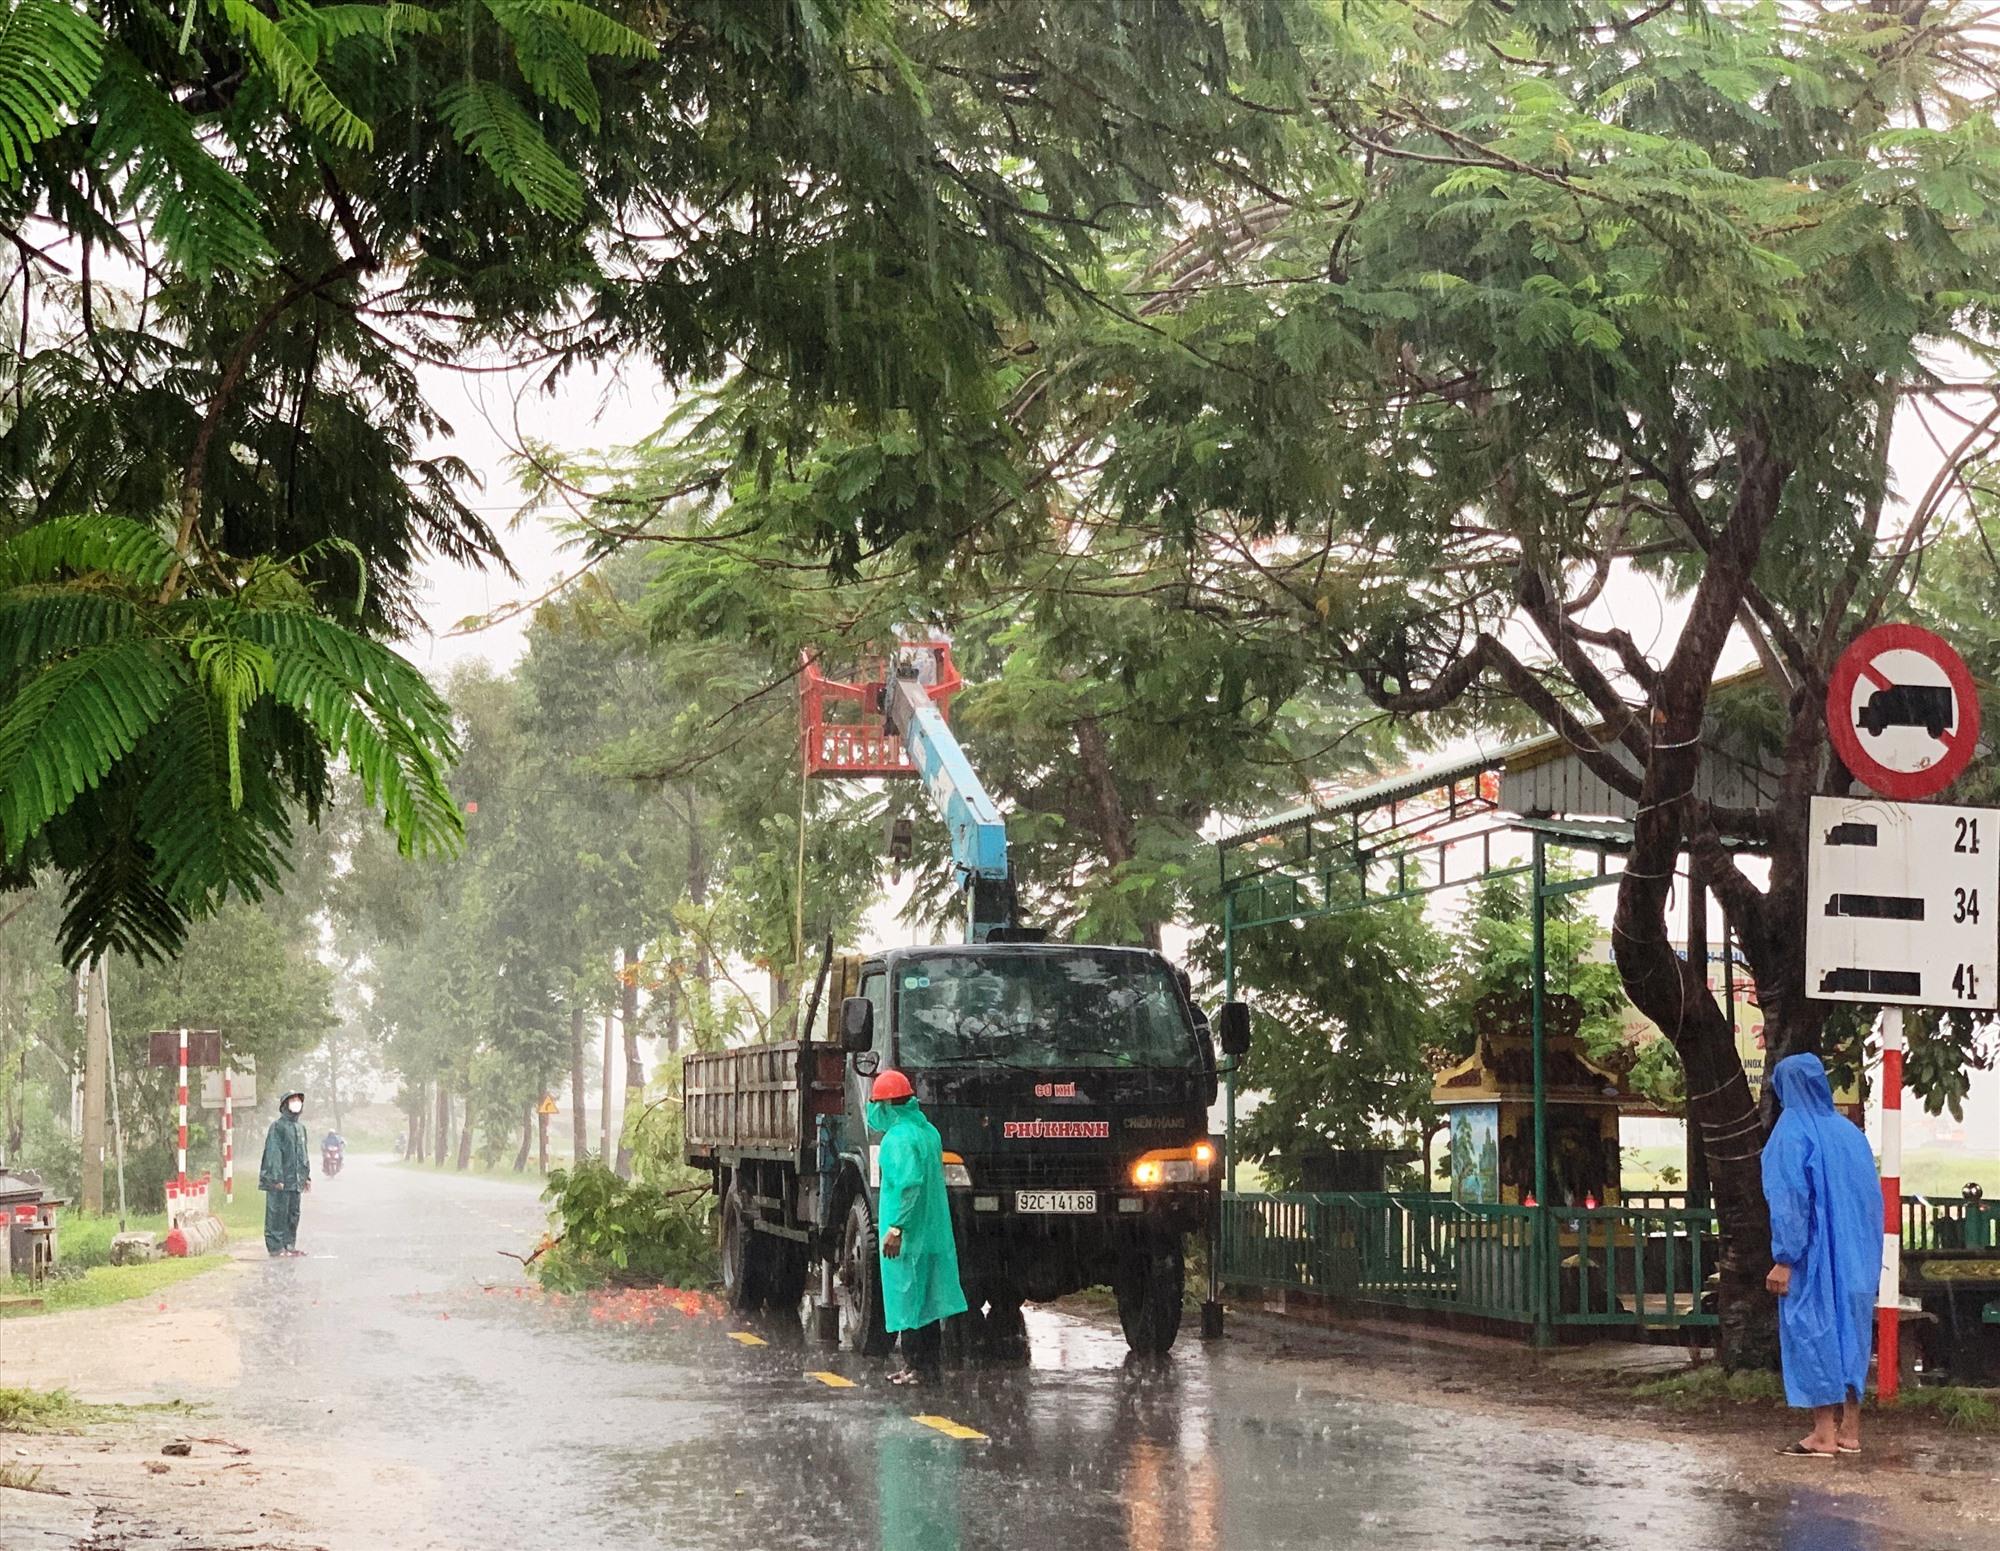 Những ngày qua, huyện Duy Xuyên ra quân cắt tỉa cây cối để hạn chế thiệt hại do mưa bão gây ra. Ảnh: N.T